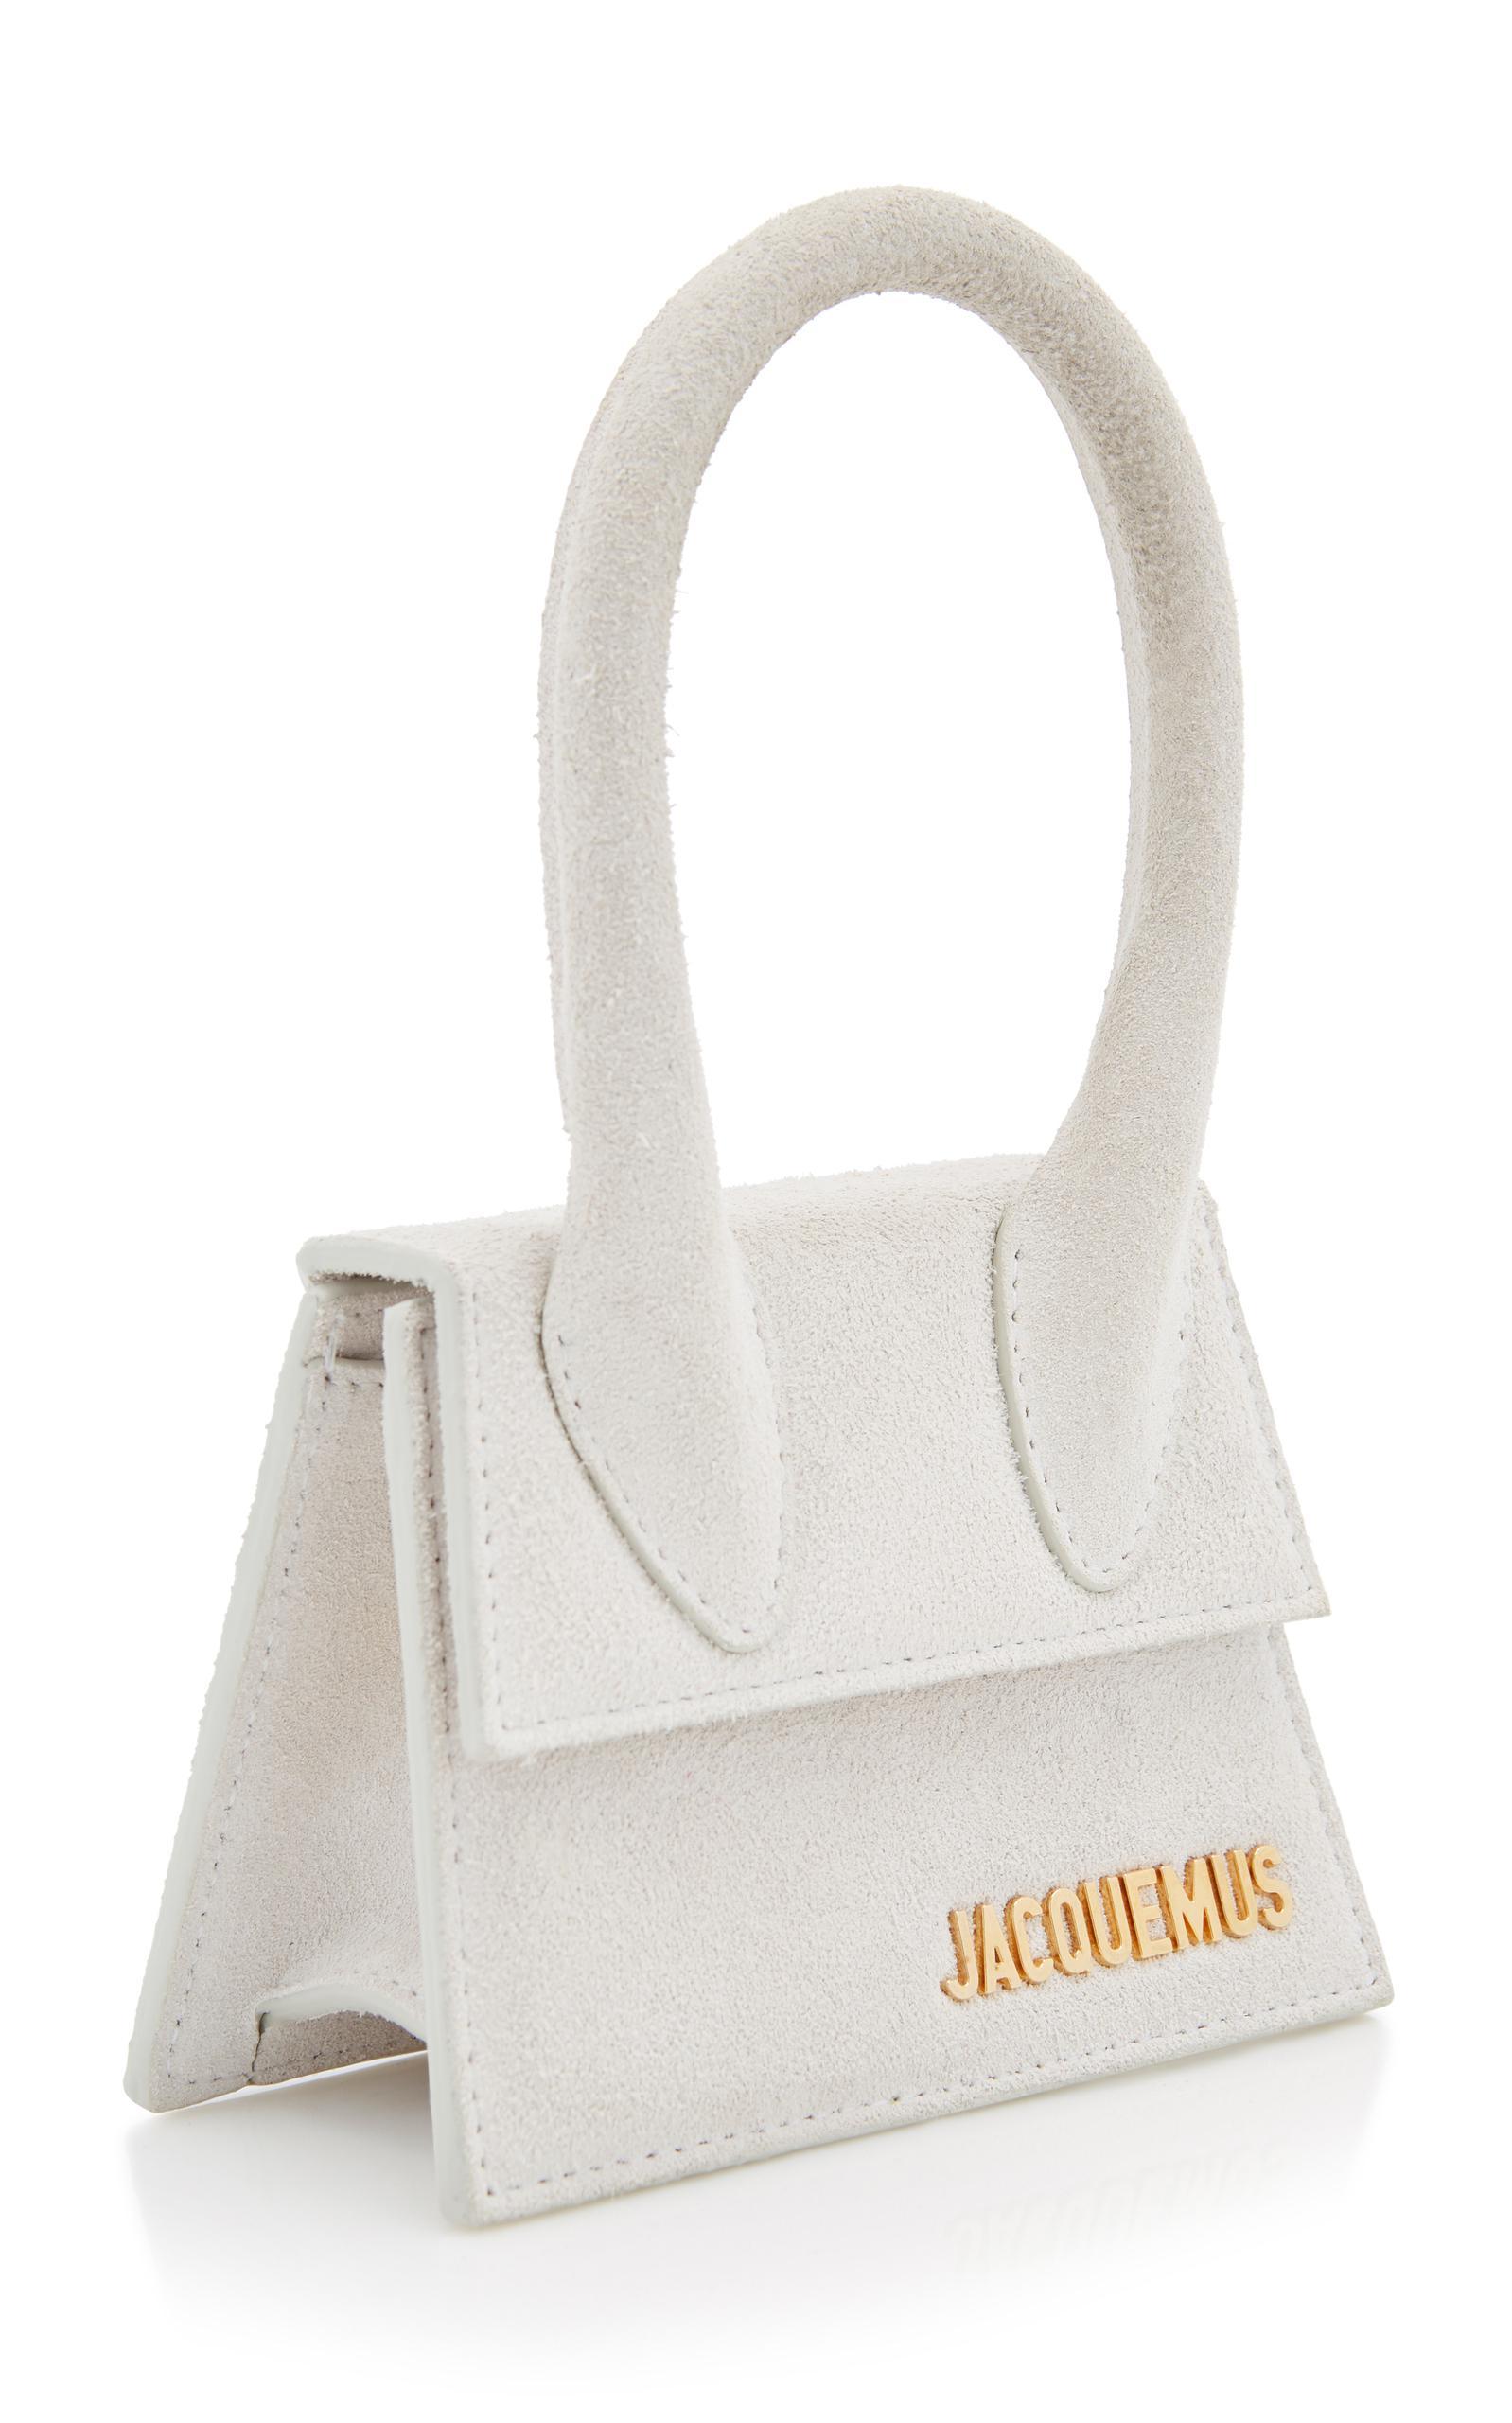 0badbe05e2 Le Sac Handbags Uk - Handbag Photos Eleventyone.Org